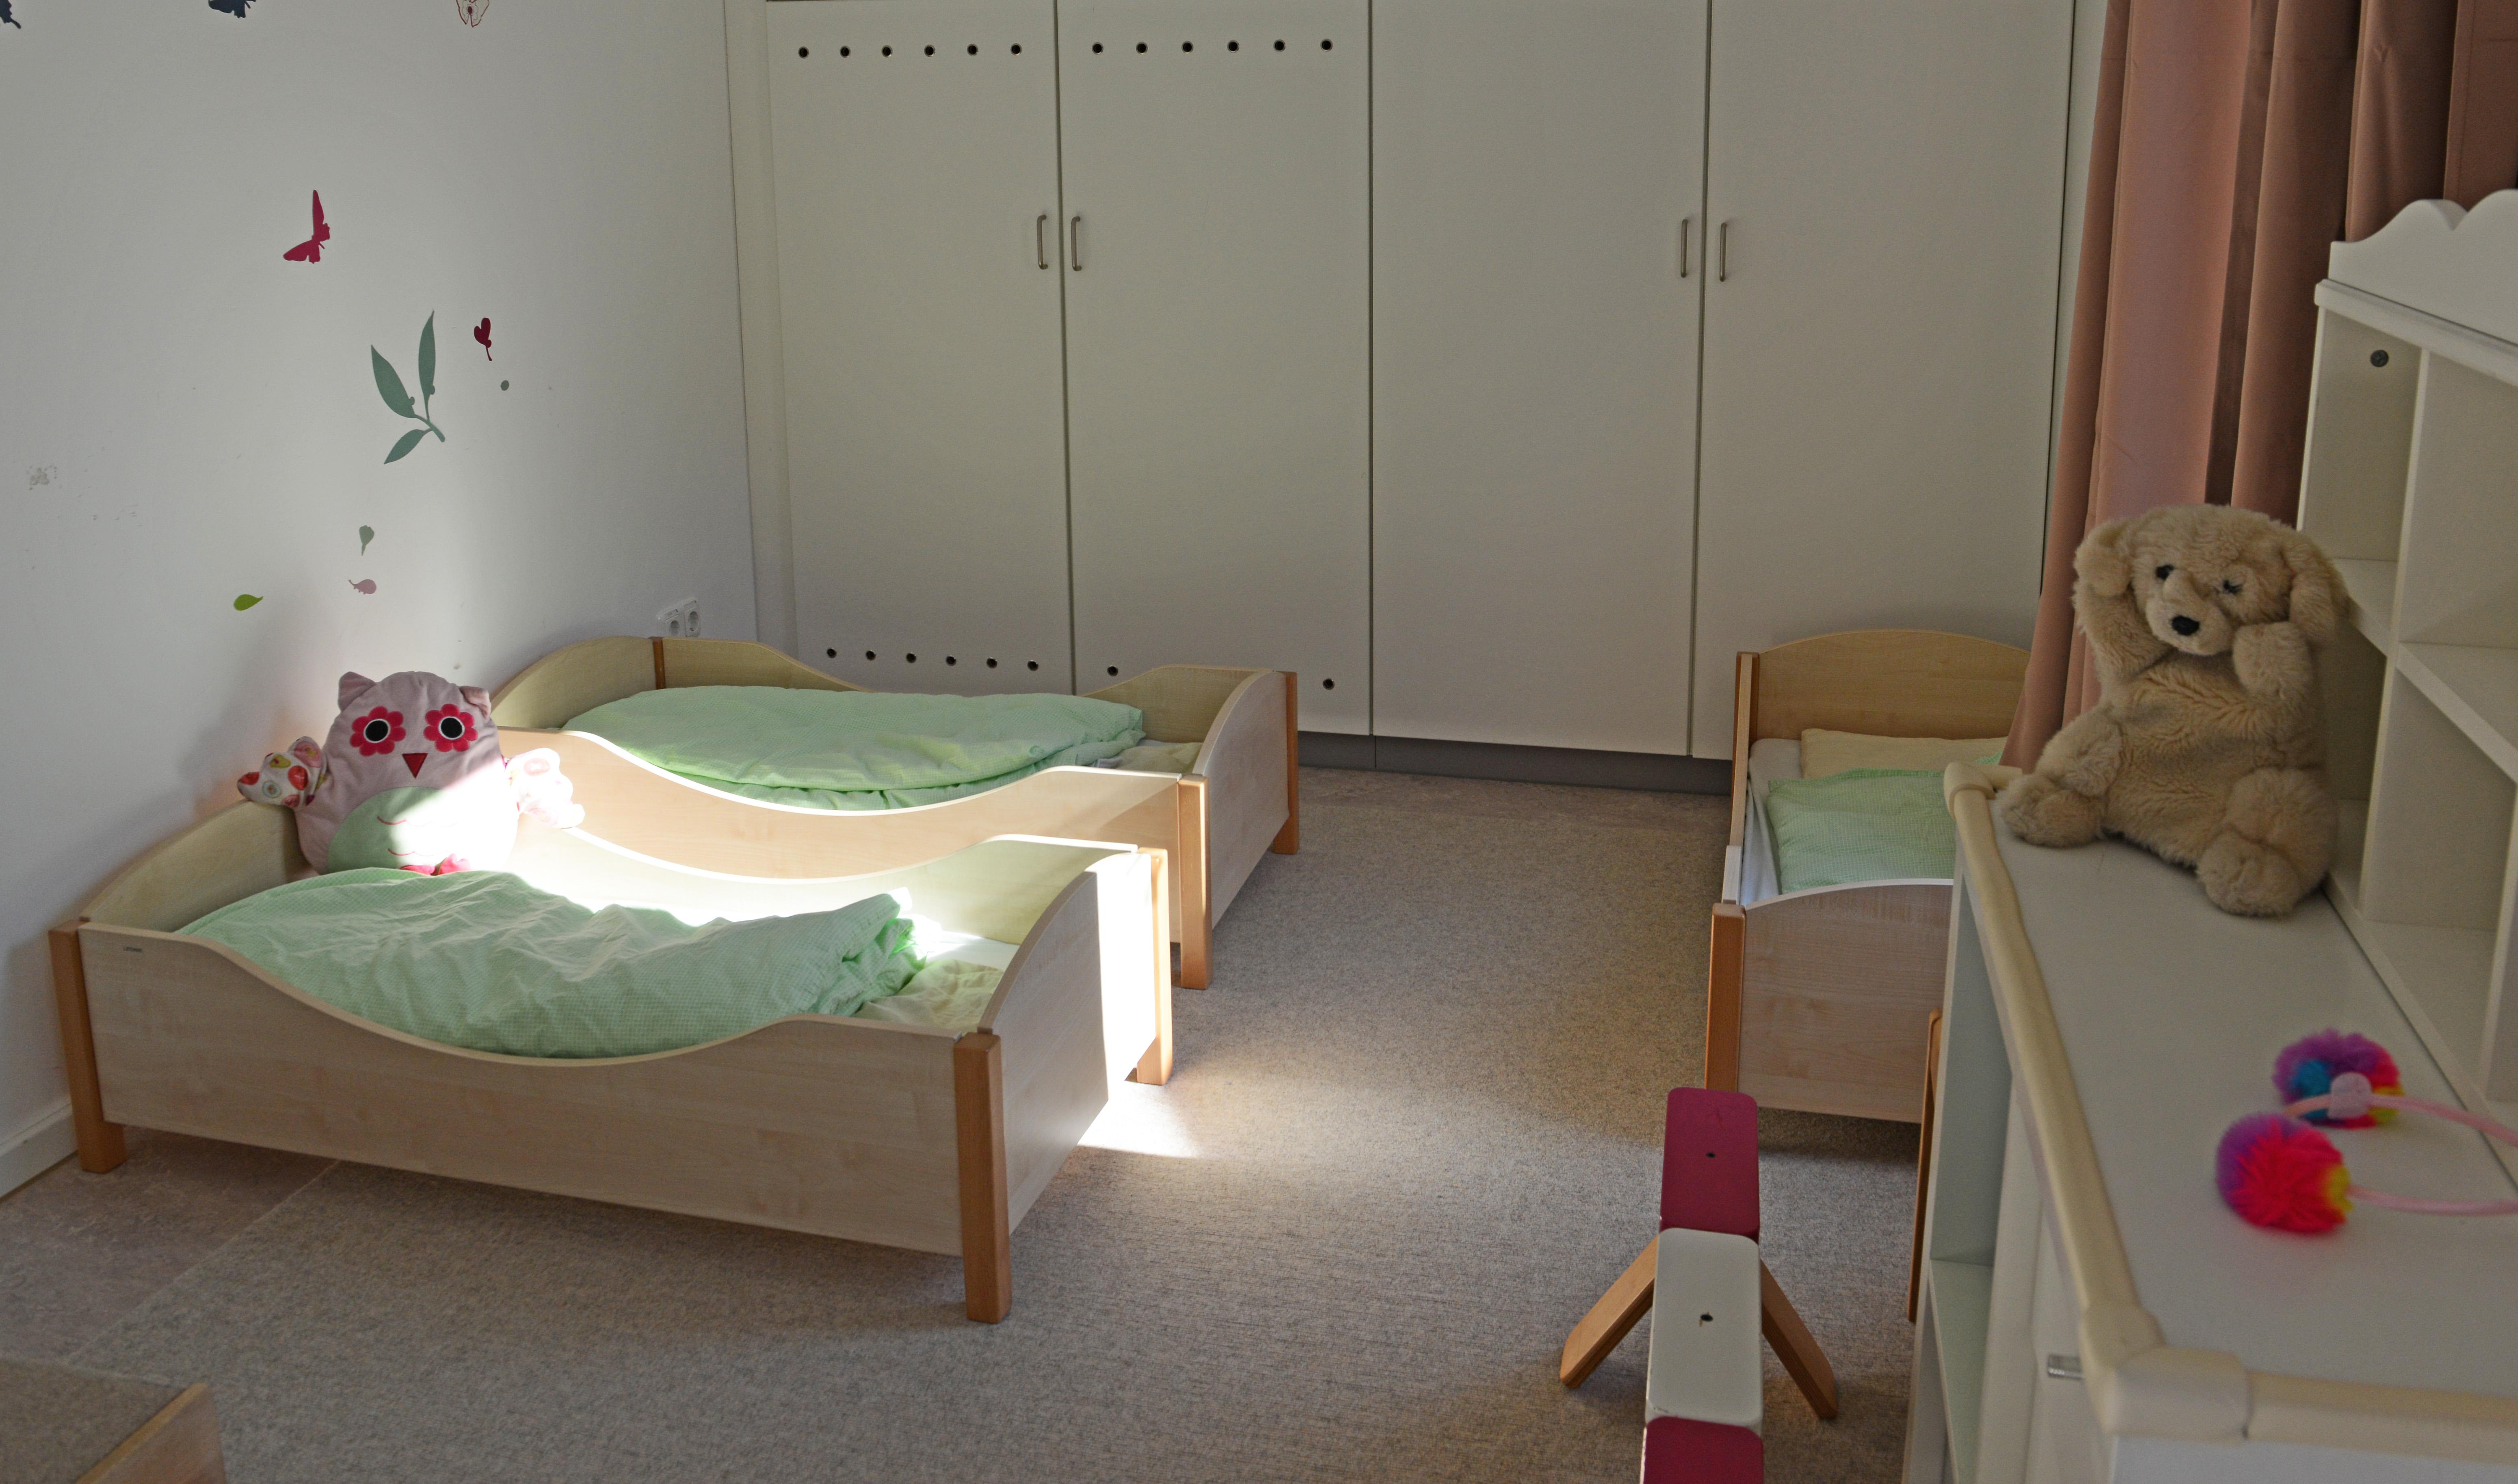 Betten im Schlafraum der Kita